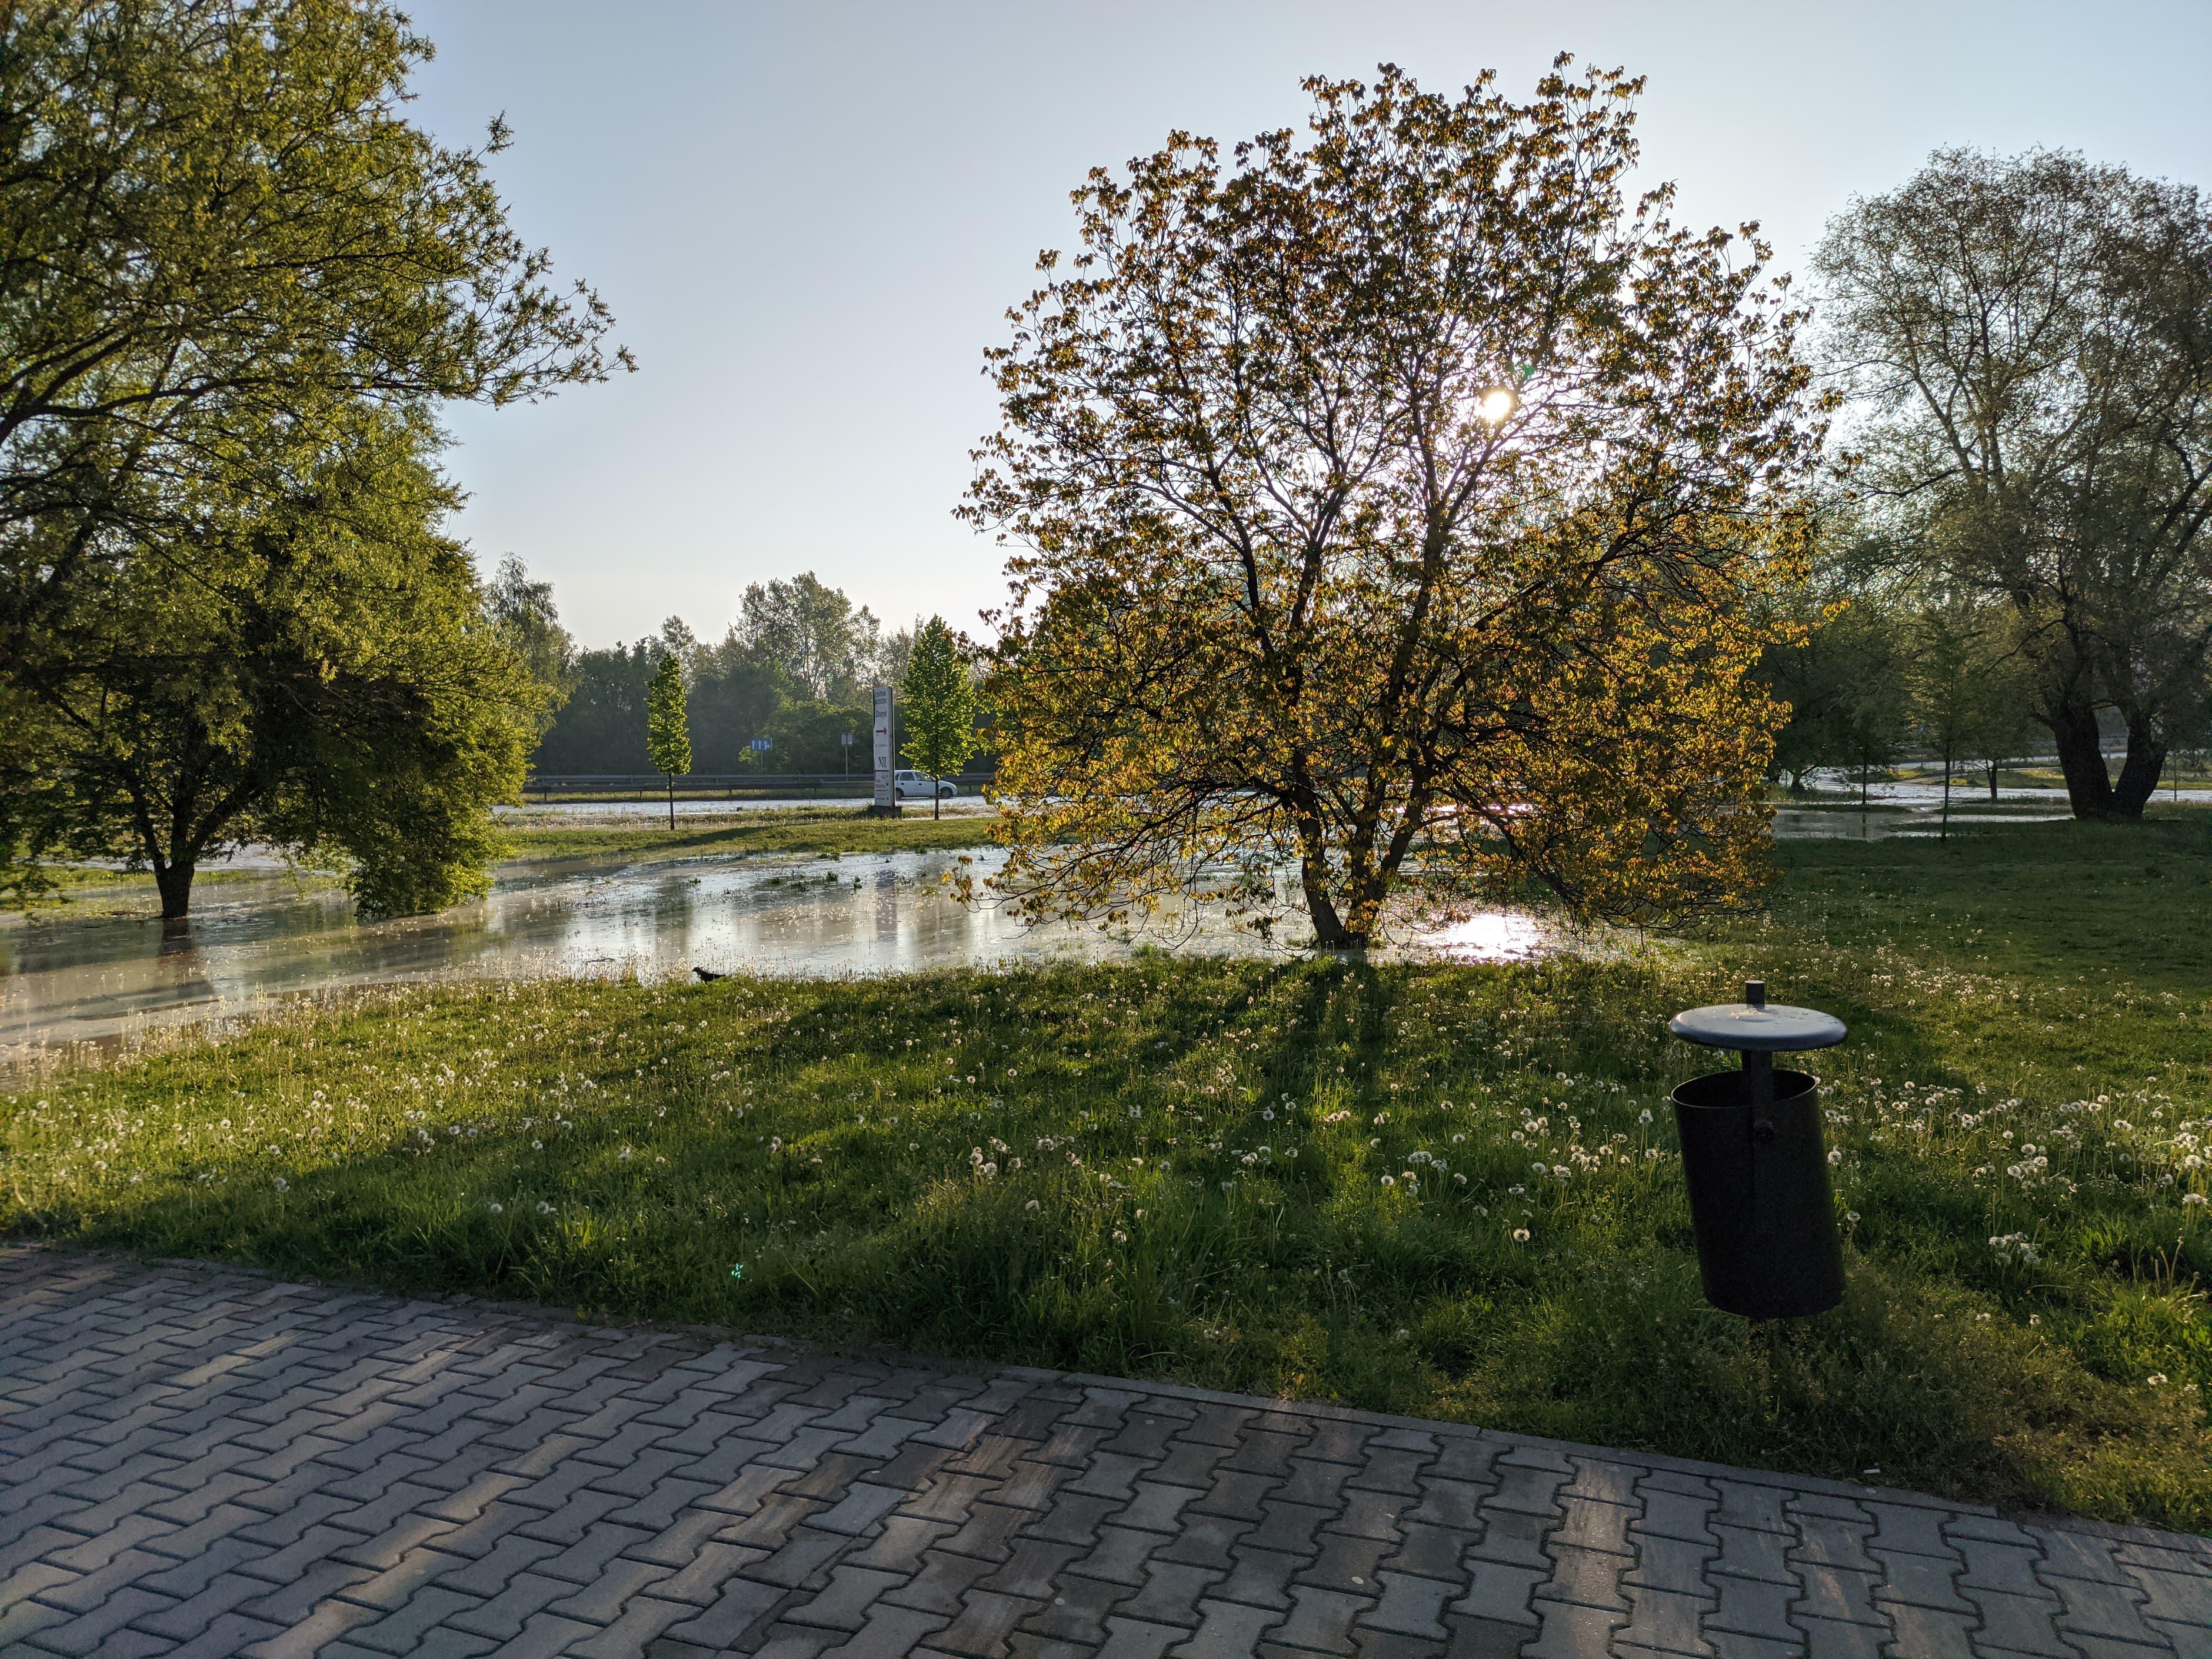 rzaka krakow awaria 7 150x150 - Awaria koło przystanku Jerzmanowskiego (Rżąka) - zdjęcia